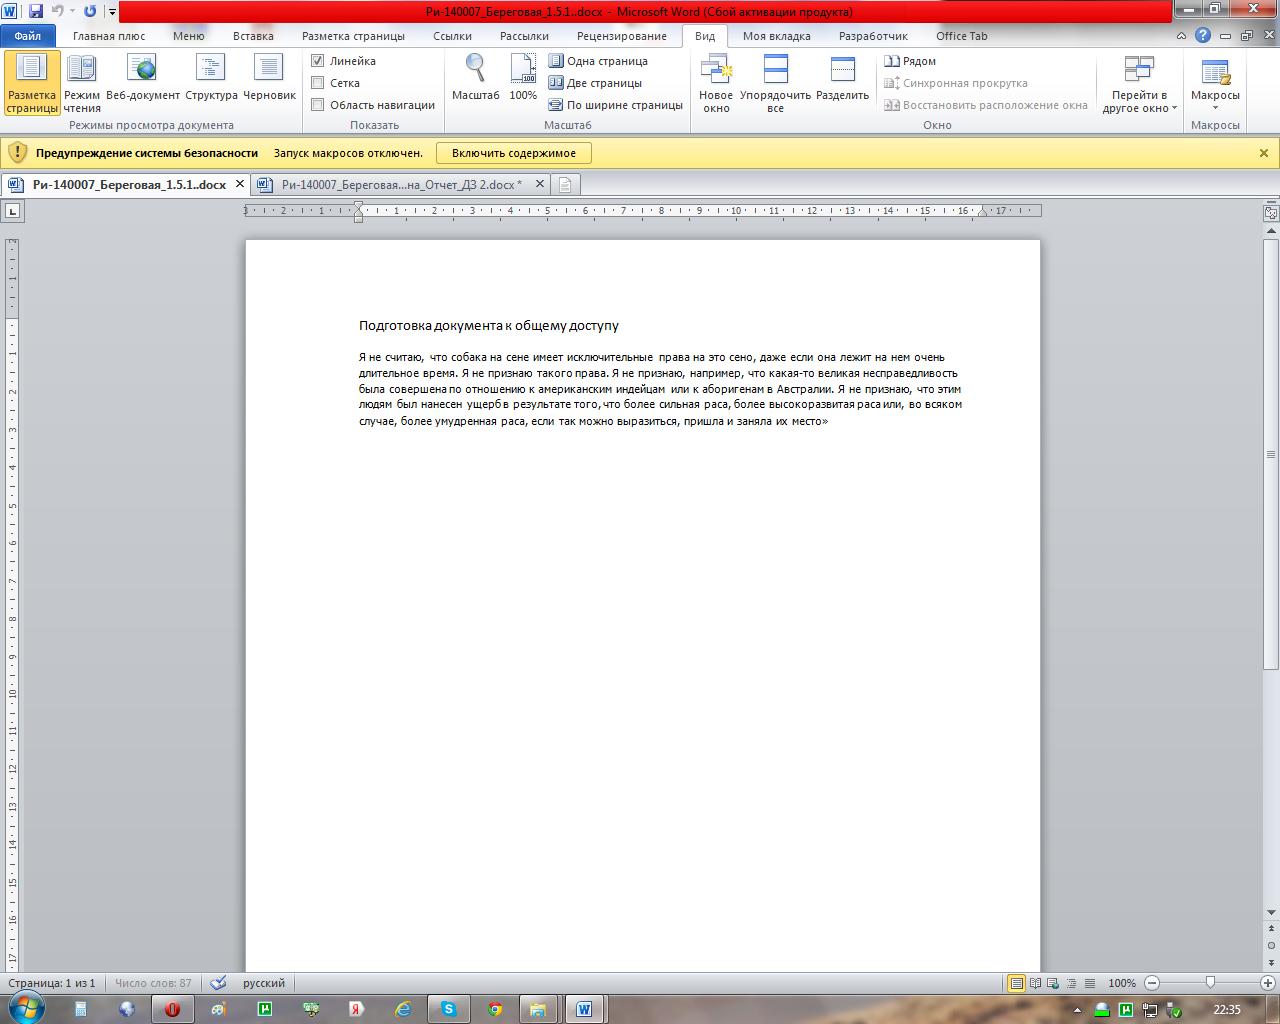 Как сделать чтобы документ не открылся